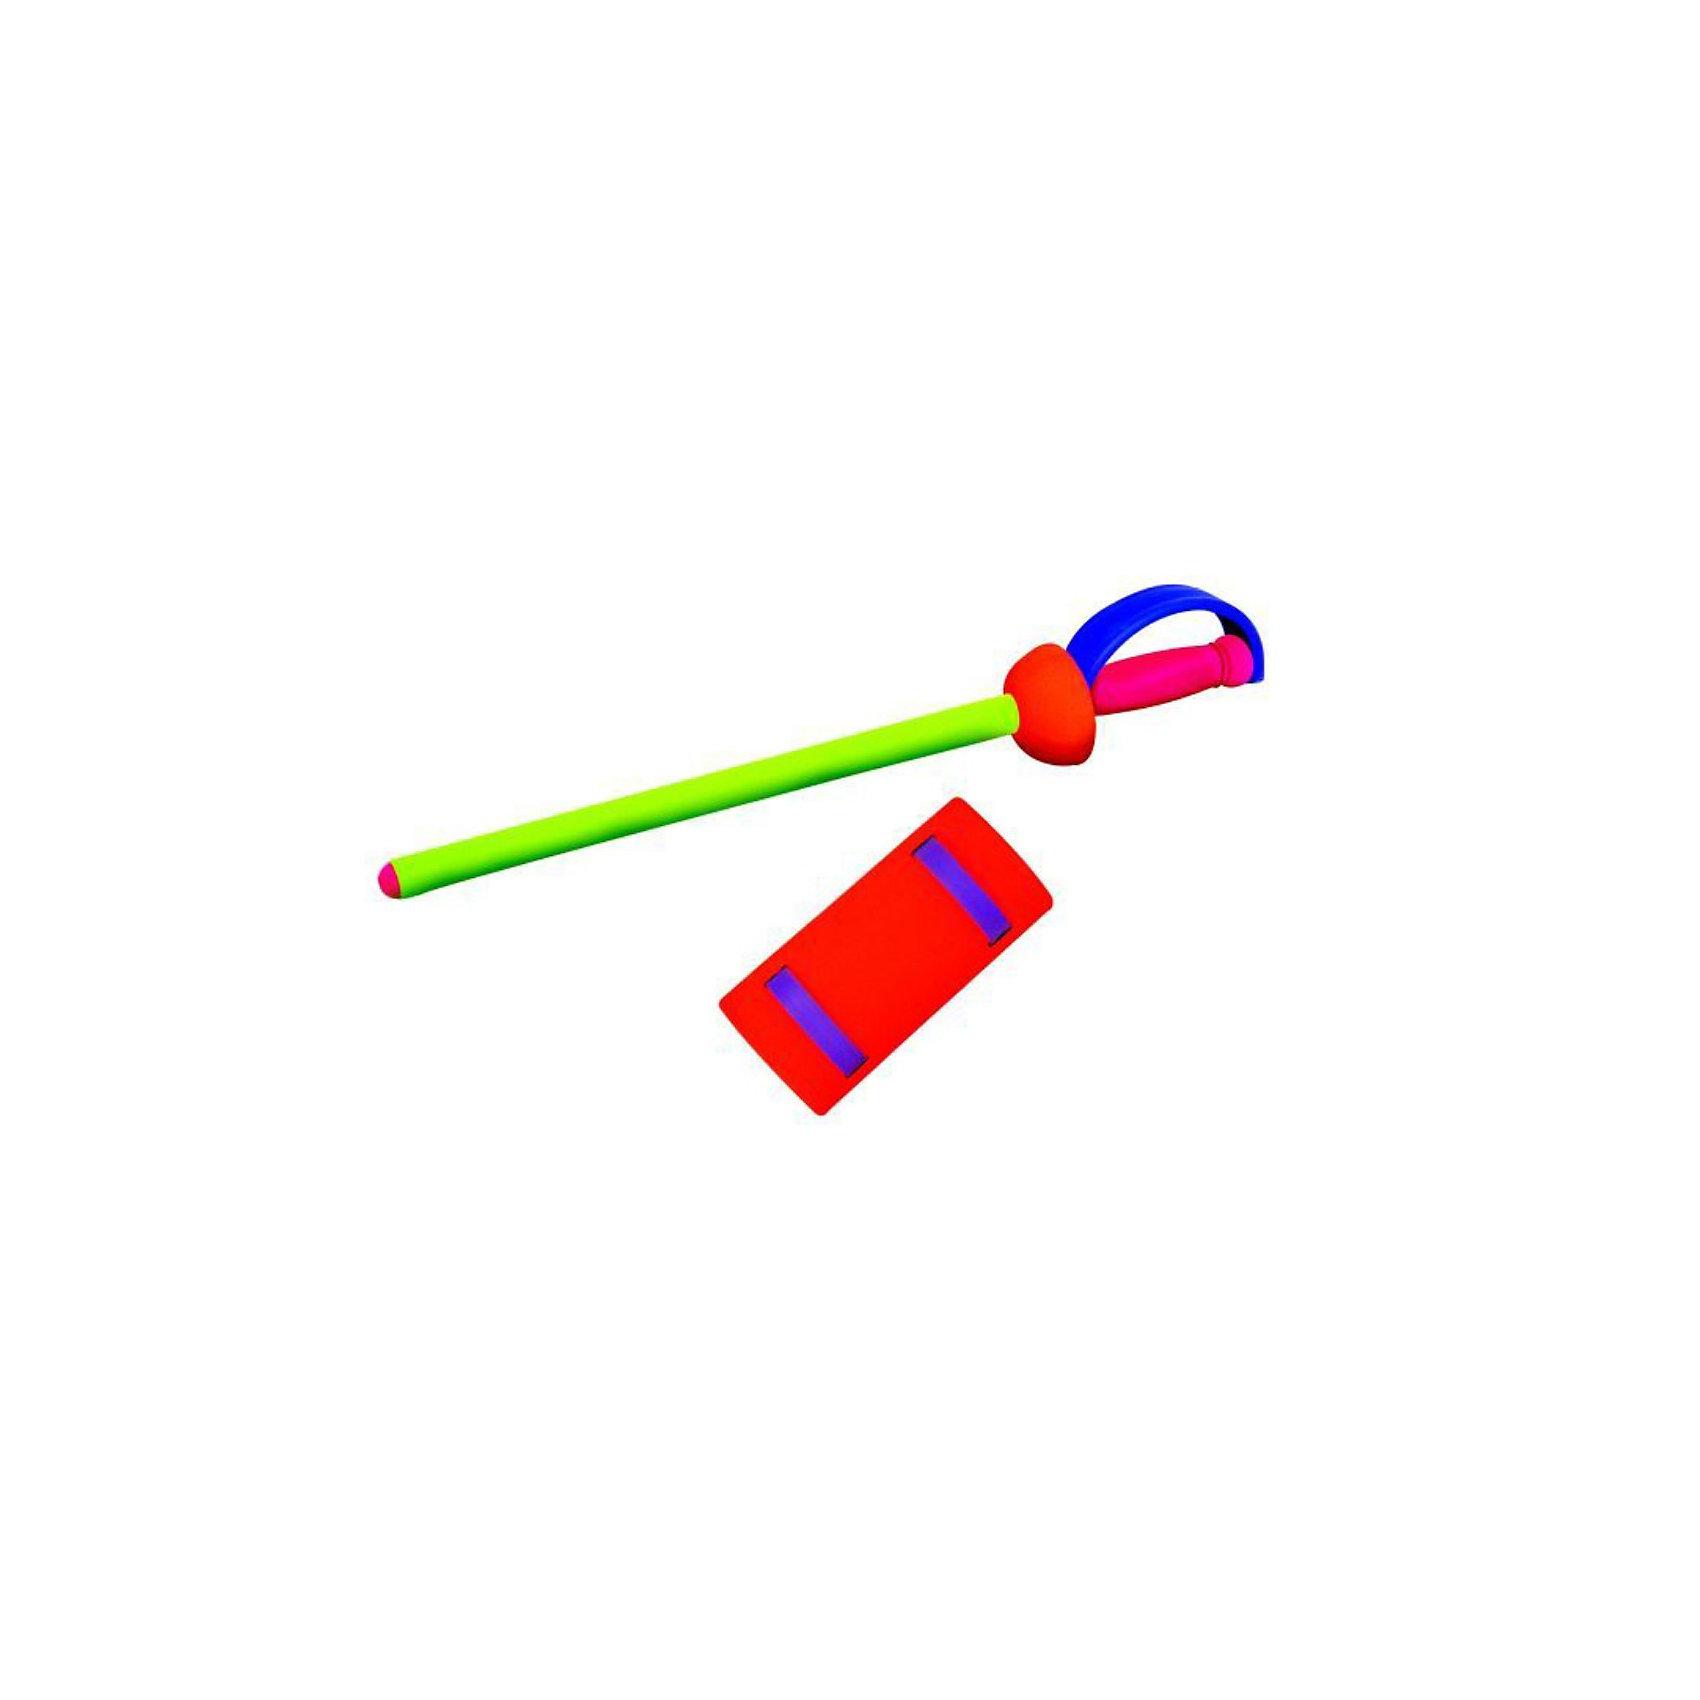 SafSof Игрушка Рыцарский мечИгрушечное оружие<br>В наборе рыцарский меч 60 см и защита на руку. Упаковано в прозрачный пластиковый чехол, который можно носить на плече.<br>Меч изготовлен из вспененной резины<br><br>Ширина мм: 278<br>Глубина мм: 355<br>Высота мм: 640<br>Вес г: 64<br>Возраст от месяцев: 36<br>Возраст до месяцев: 1188<br>Пол: Мужской<br>Возраст: Детский<br>SKU: 2251828